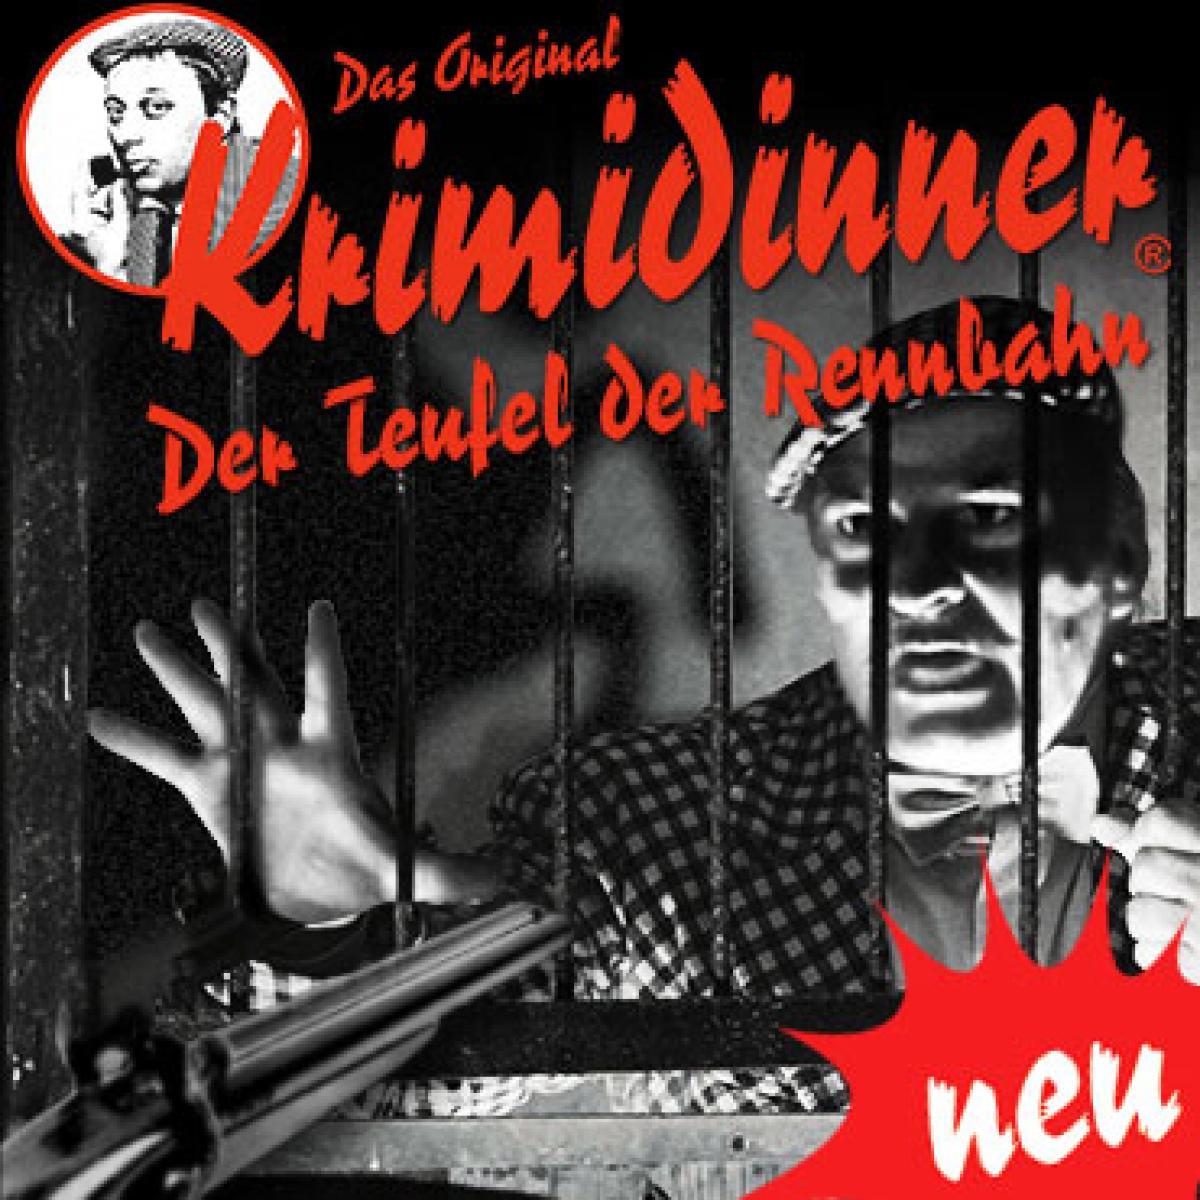 DasOriginalKRIMIDINNER_Der-Teufel-der-Rennbahn_Showquadrat_75